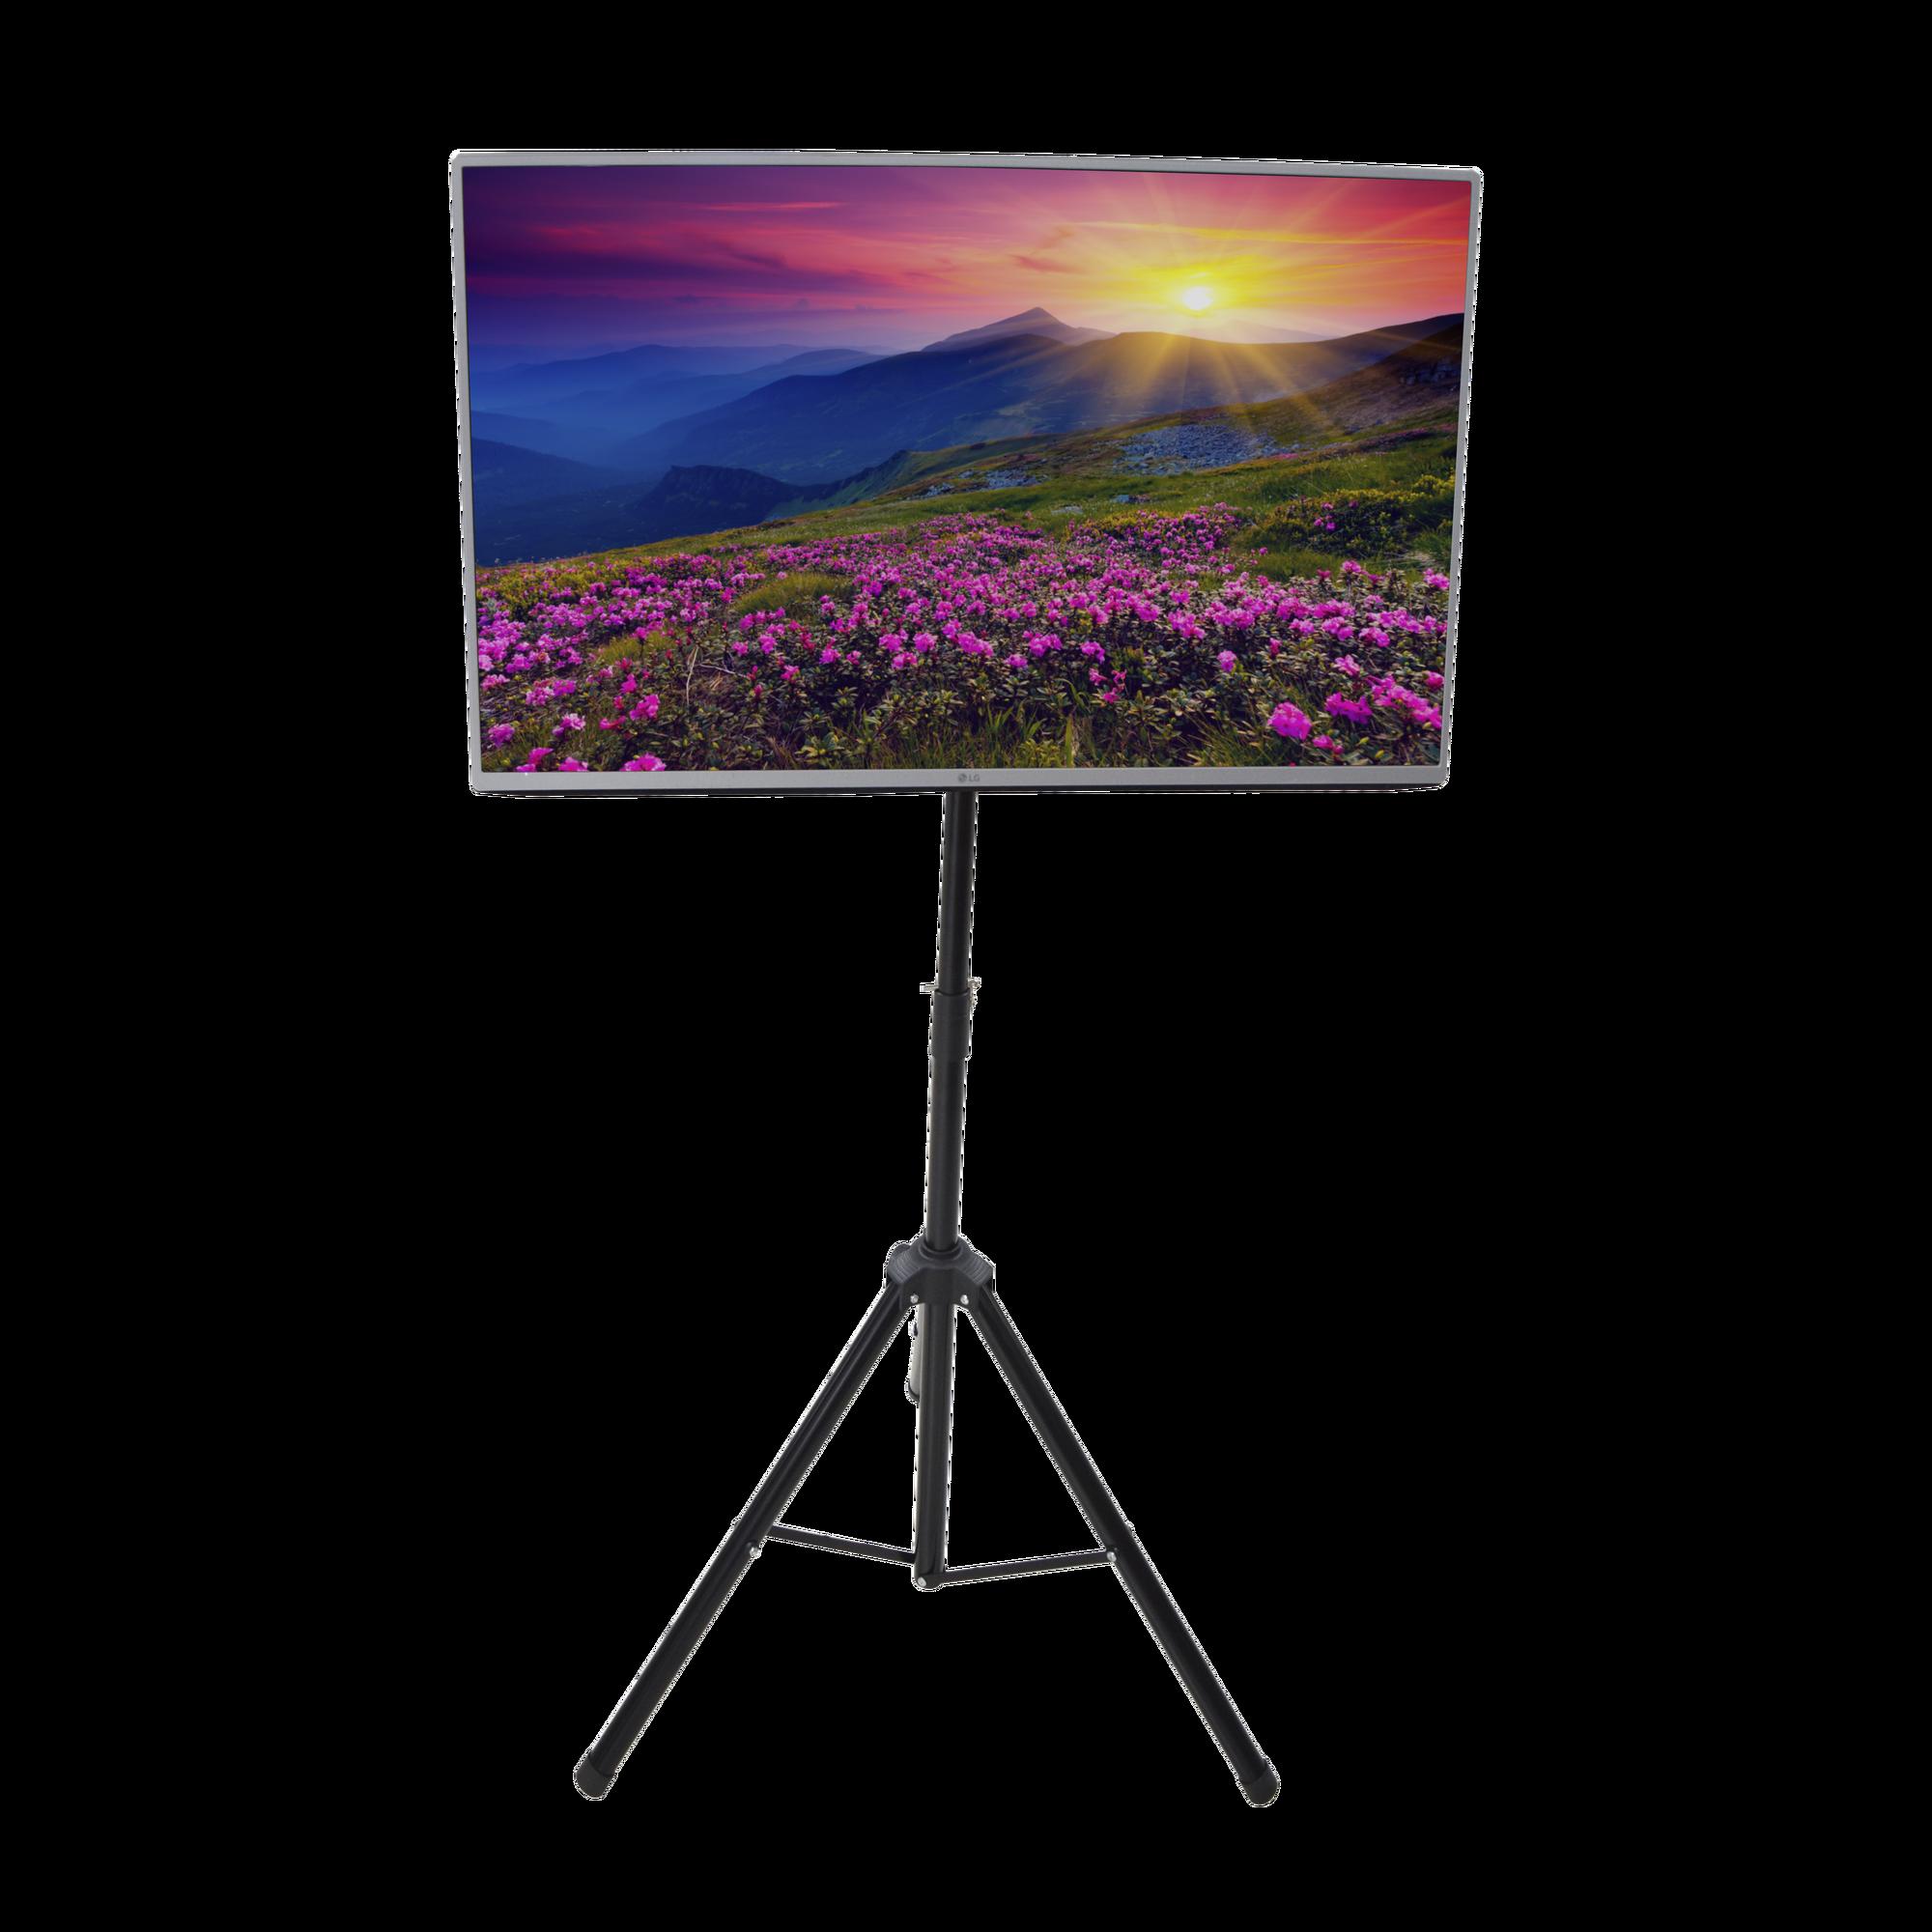 Trípode portátil soporte de piso TV compatible con montaje VESA para pantallas de 32-65